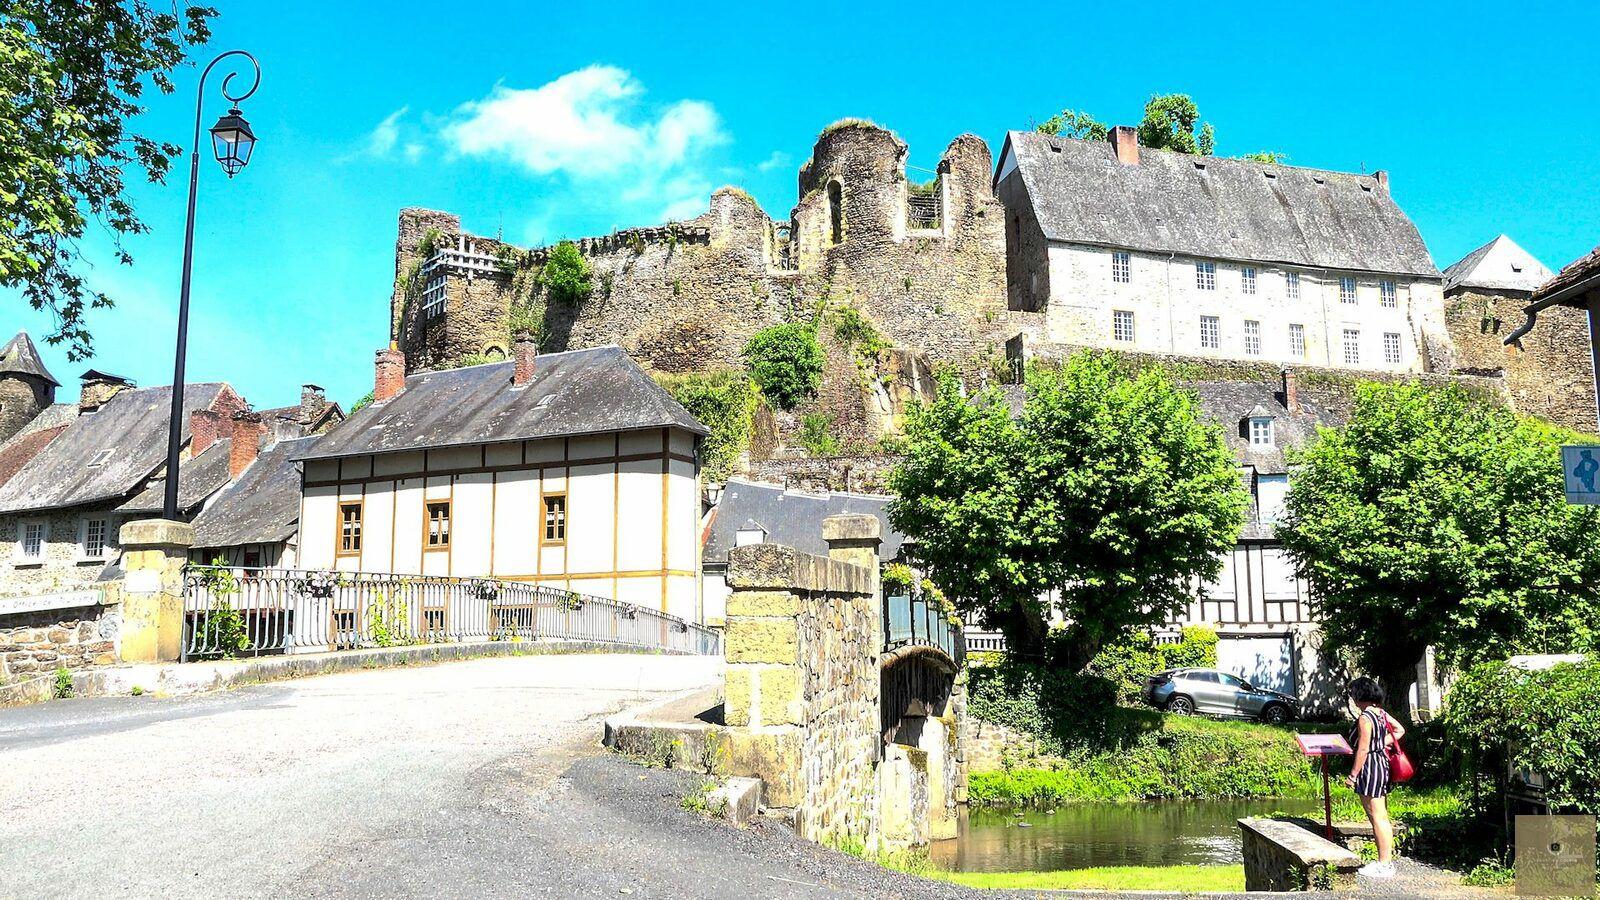 Ségur le Château, la capitale judiciaire de la Corrèze au temps des rois, un des plus beaux villages de France, le film